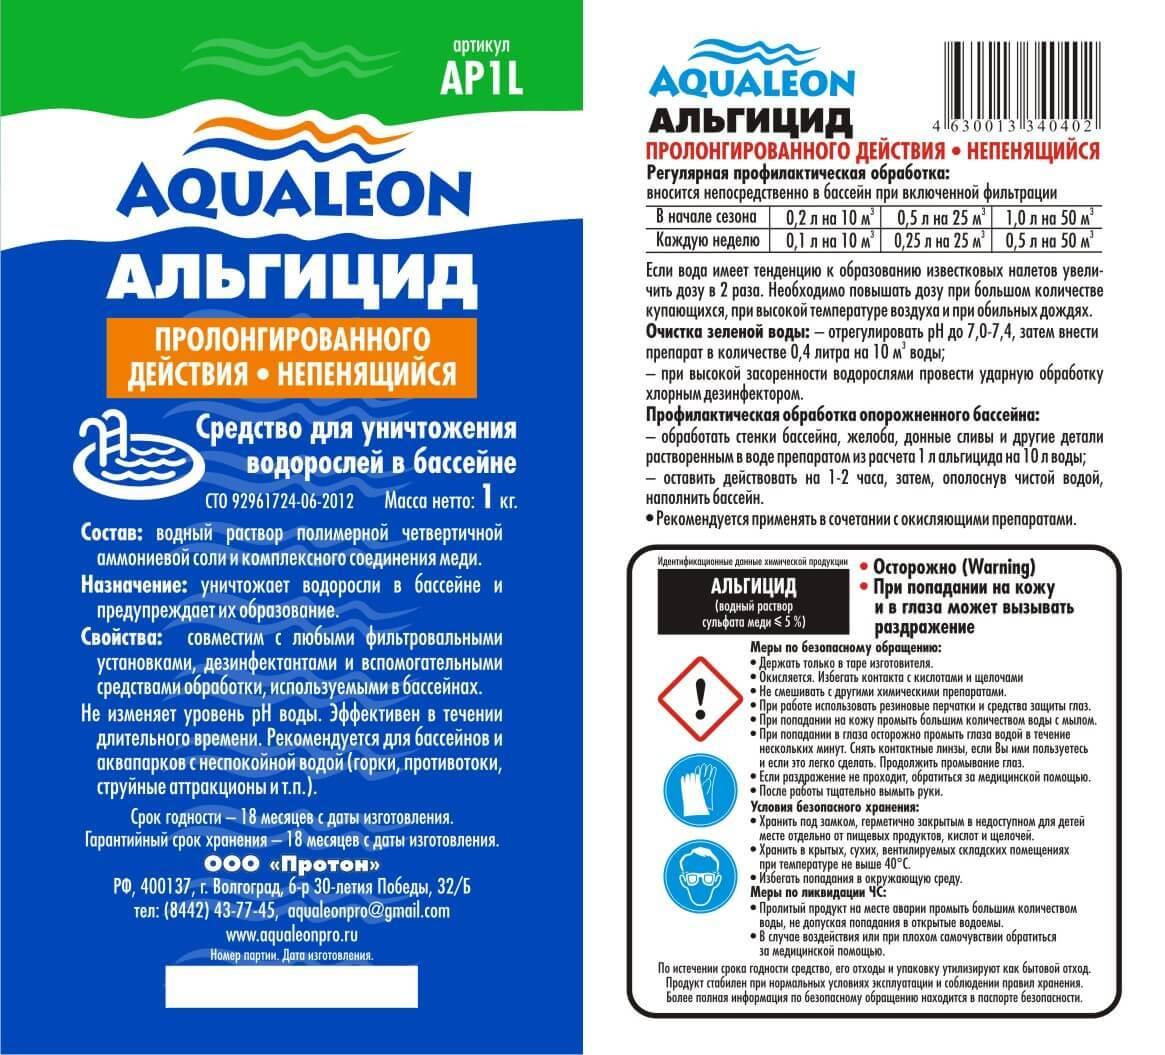 Aqualeon Альгицид пд непенящийся 1 кг